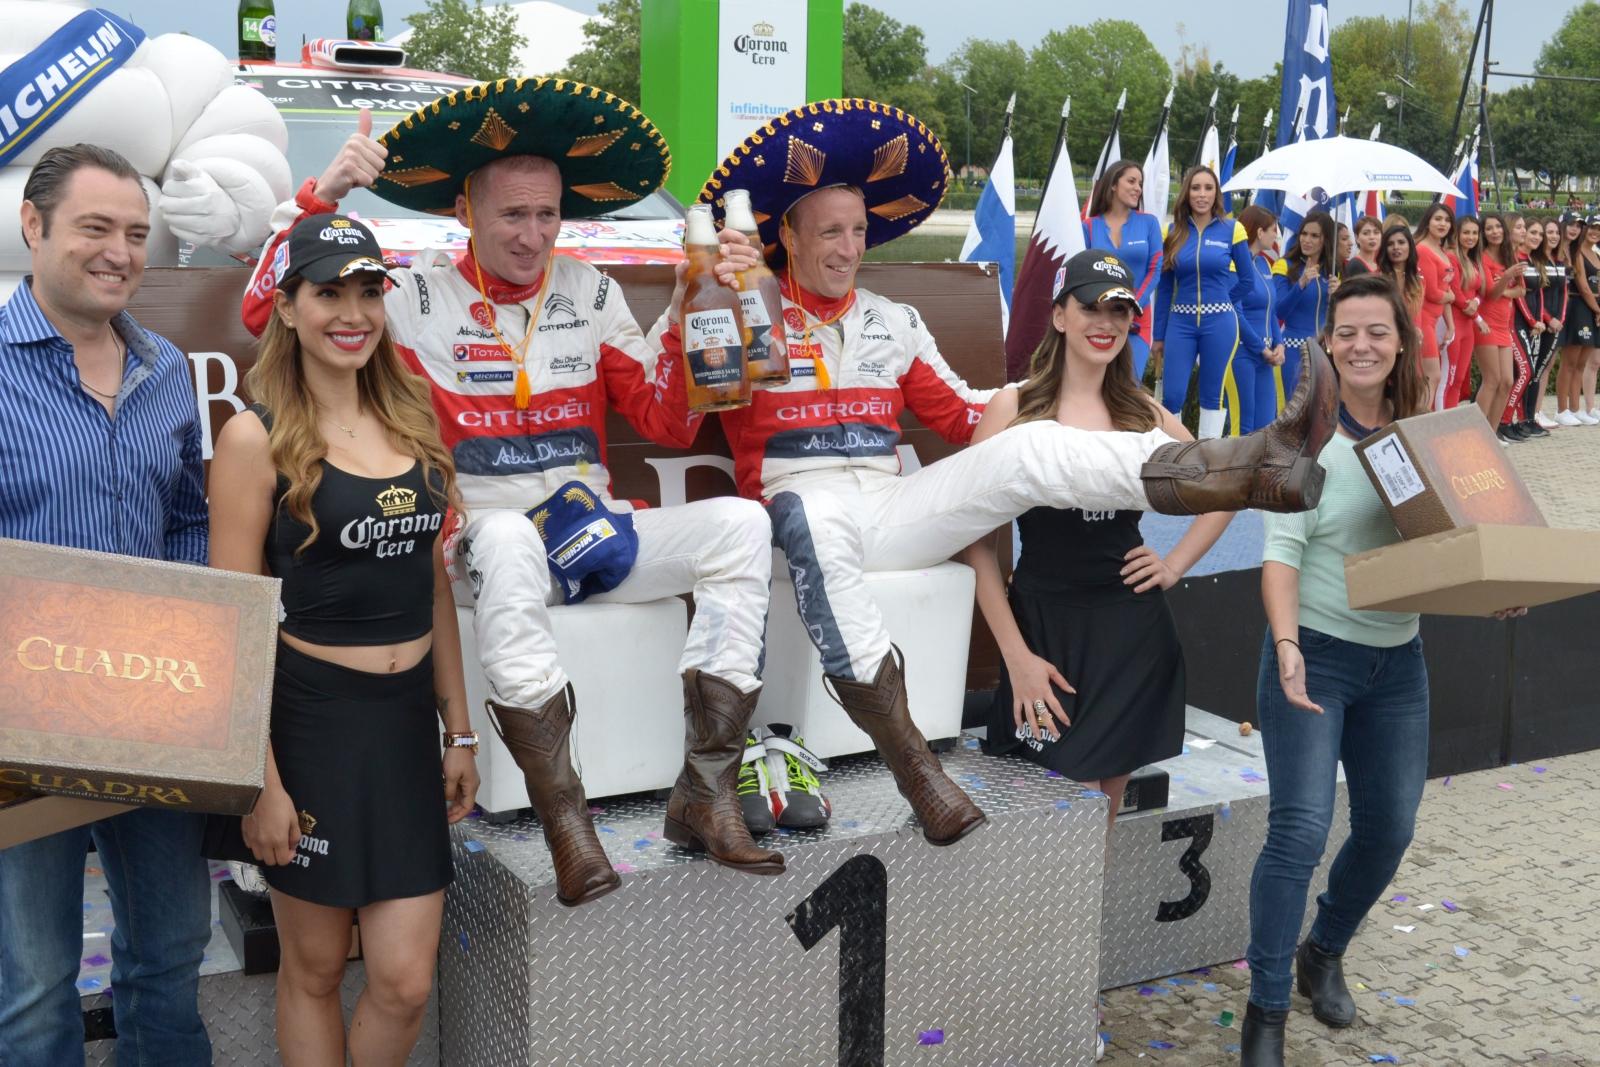 WRC Rally Mexico 2017 i jego zwycięzcy, brytyjski kierowca Kris Meeke i współkierowca, Irlandczyk Paul Nagle. Fot. PAP/EPA/STR